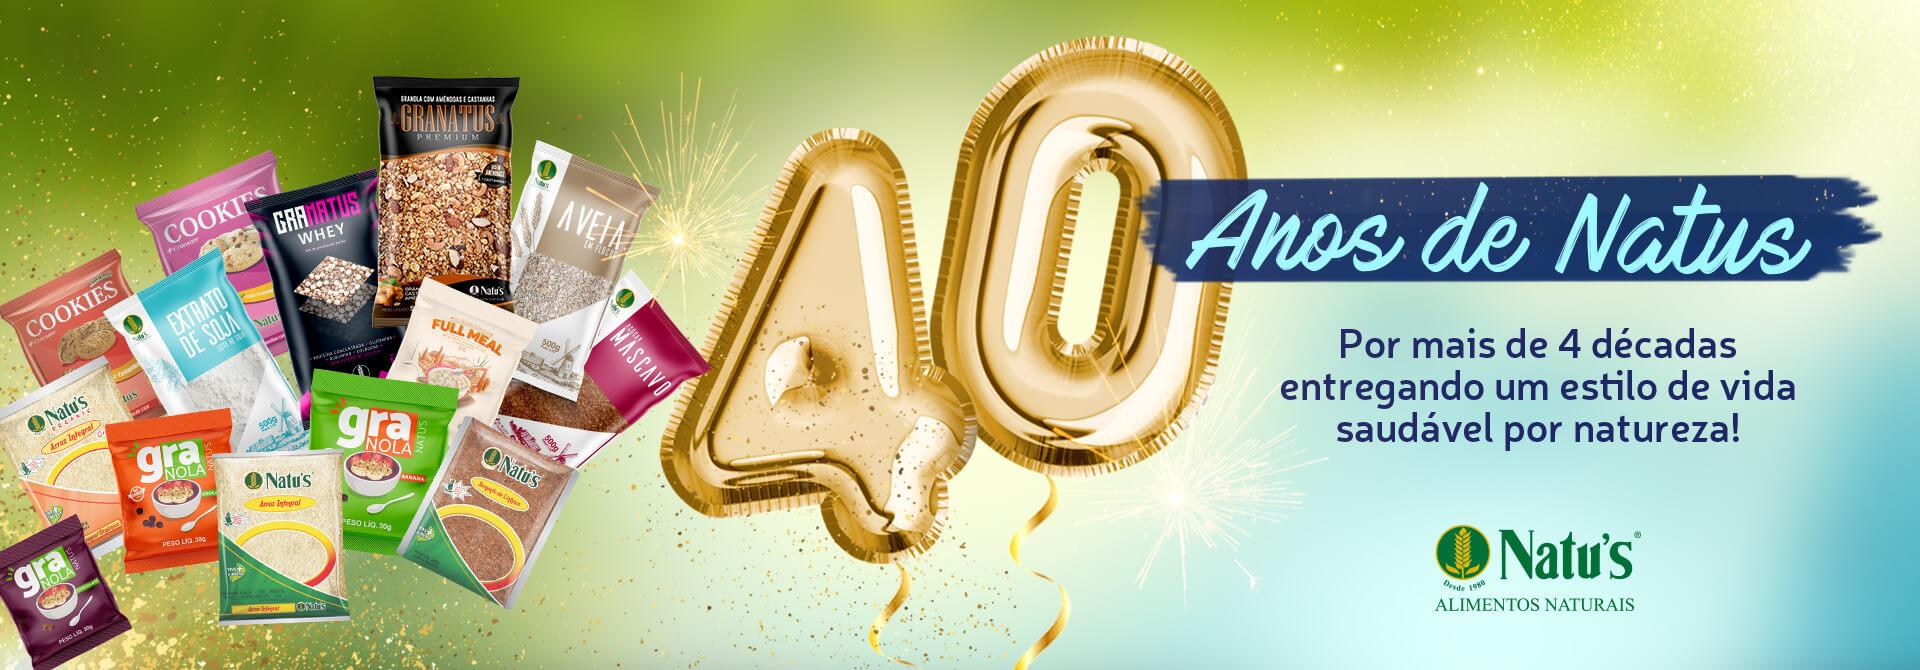 40 anos de Natus